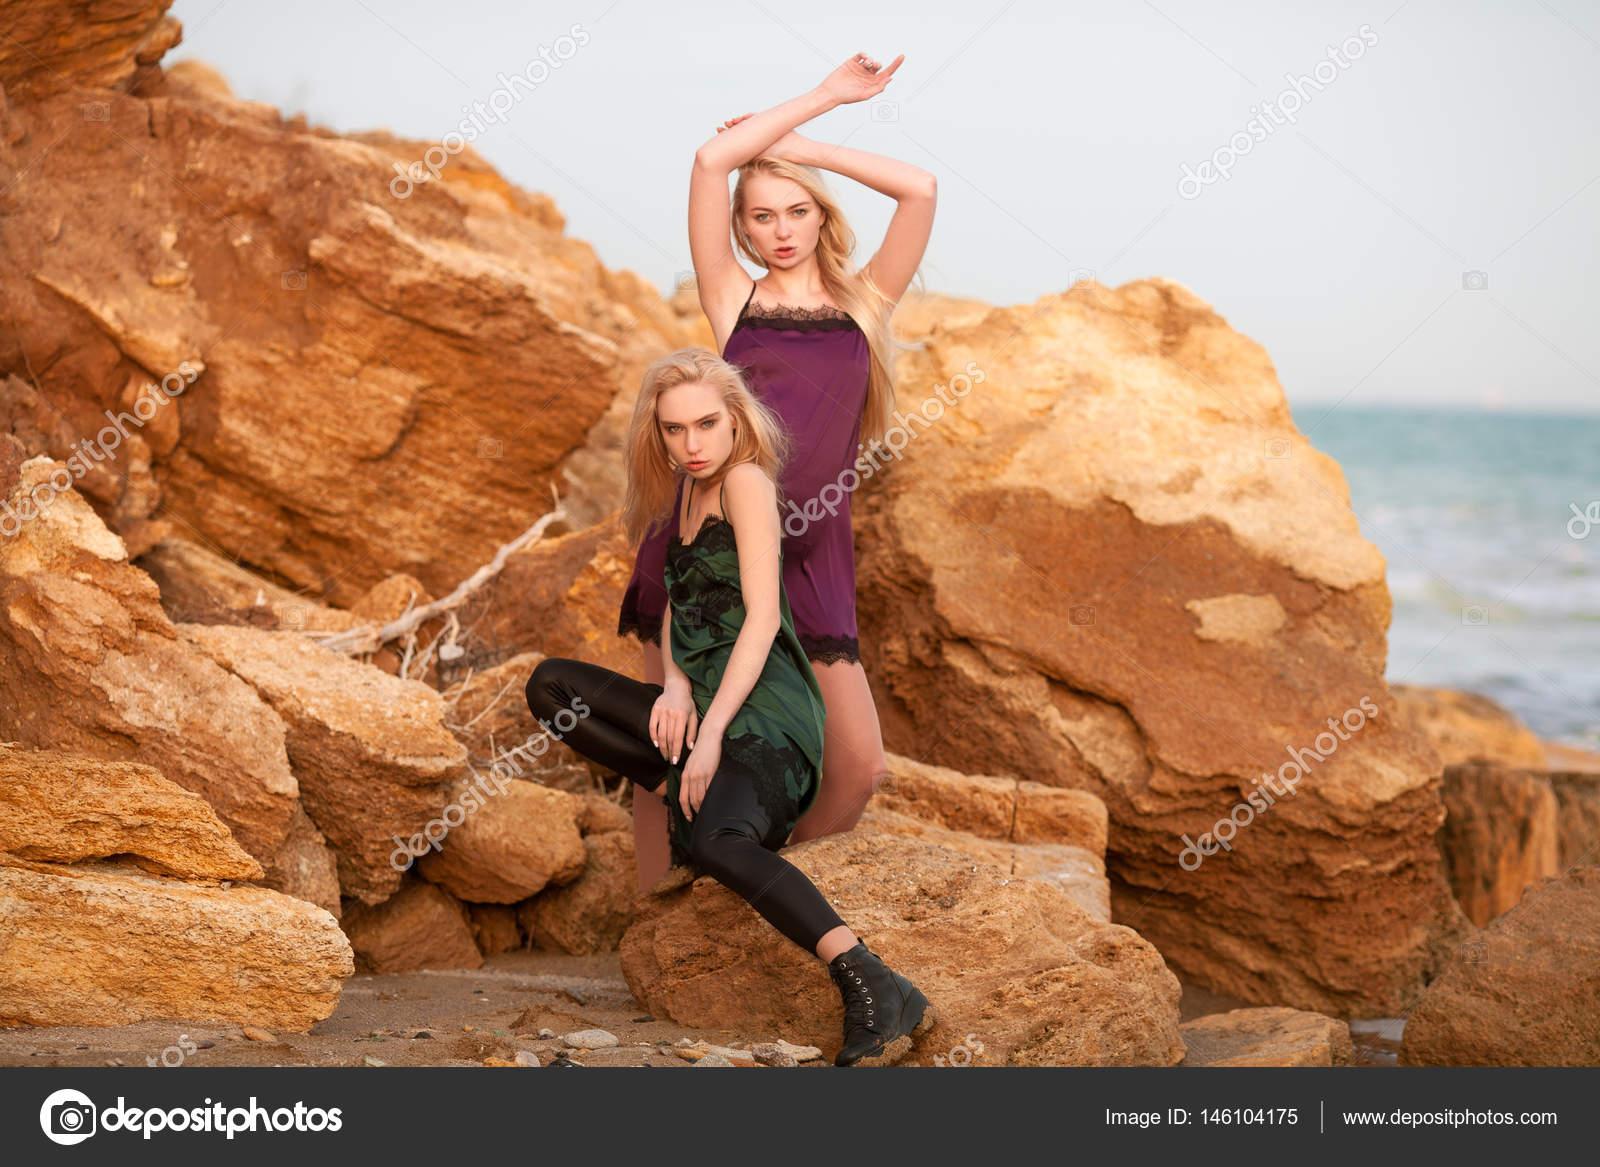 c8bc93a68fd Δύο νεαρές γυναίκες σε φορέματα μεταξύ κίτρινο βράχια και στη θάλασσα.  Κάποιος στέκεται μια άλλη συνεδρίαση δίπλα στο βράχο — Εικόνα από ...